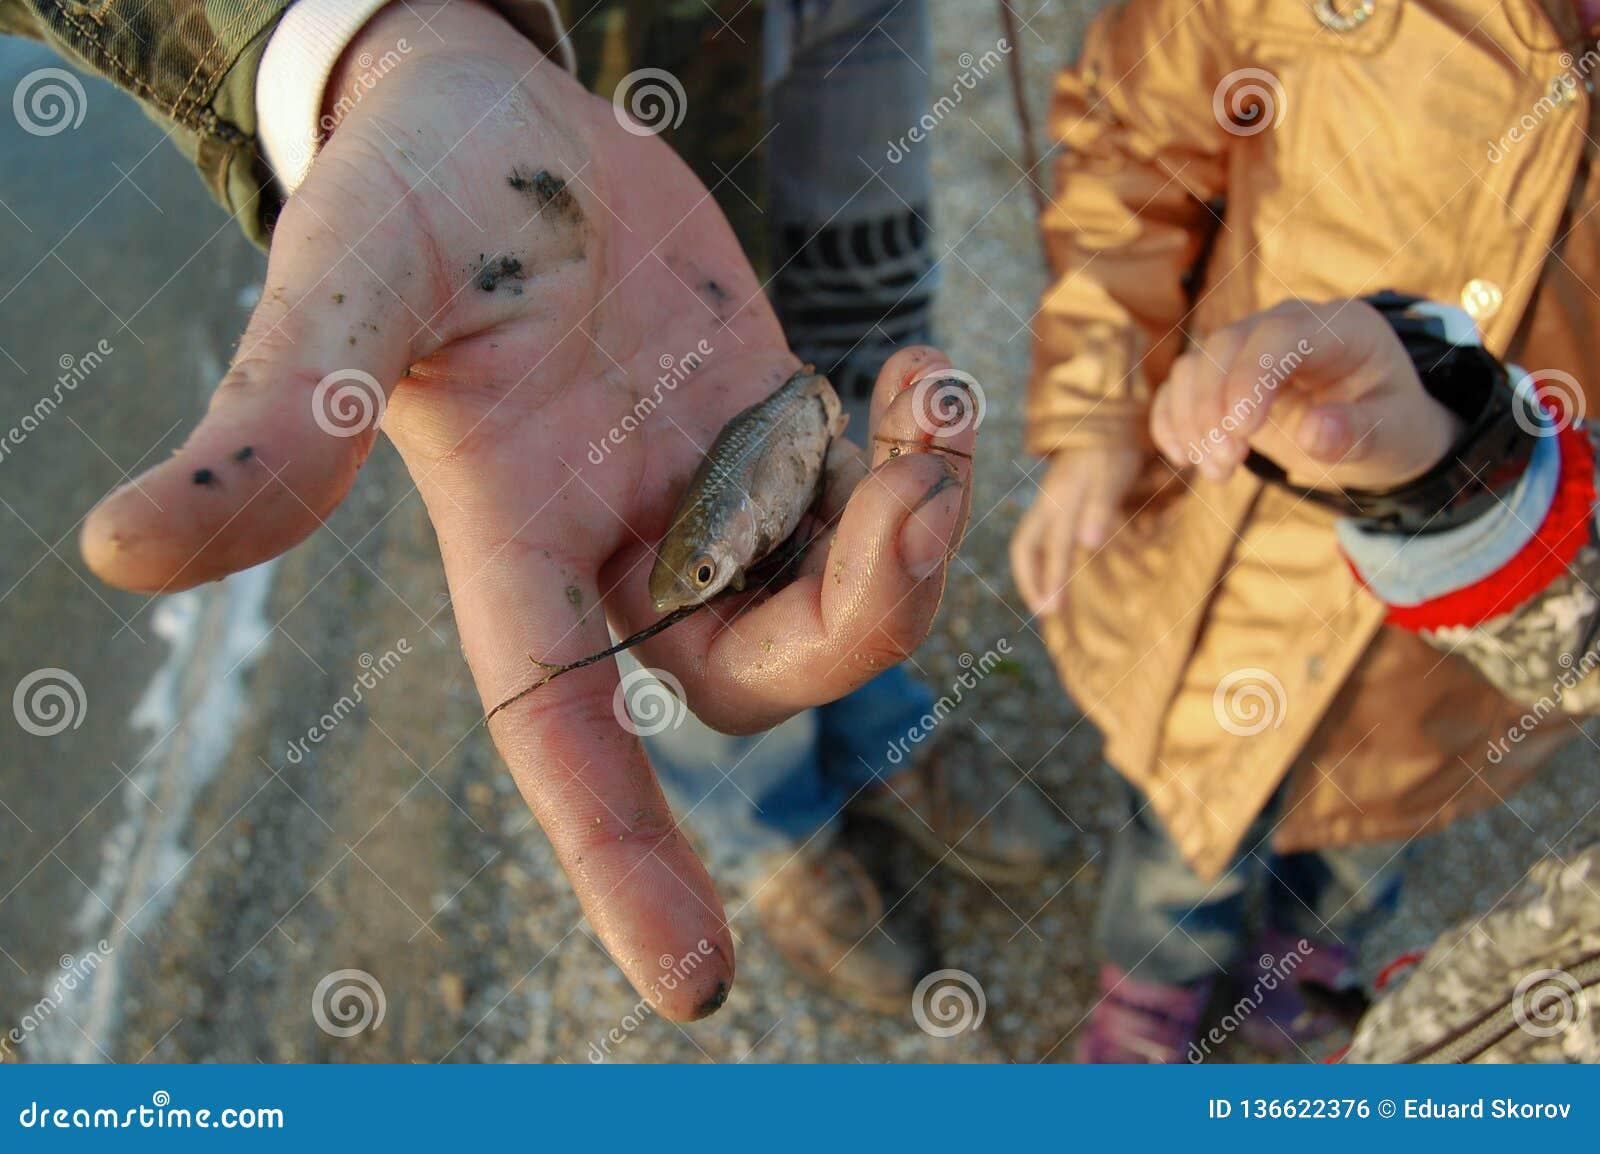 Отец показывает детям небольшую рыбу